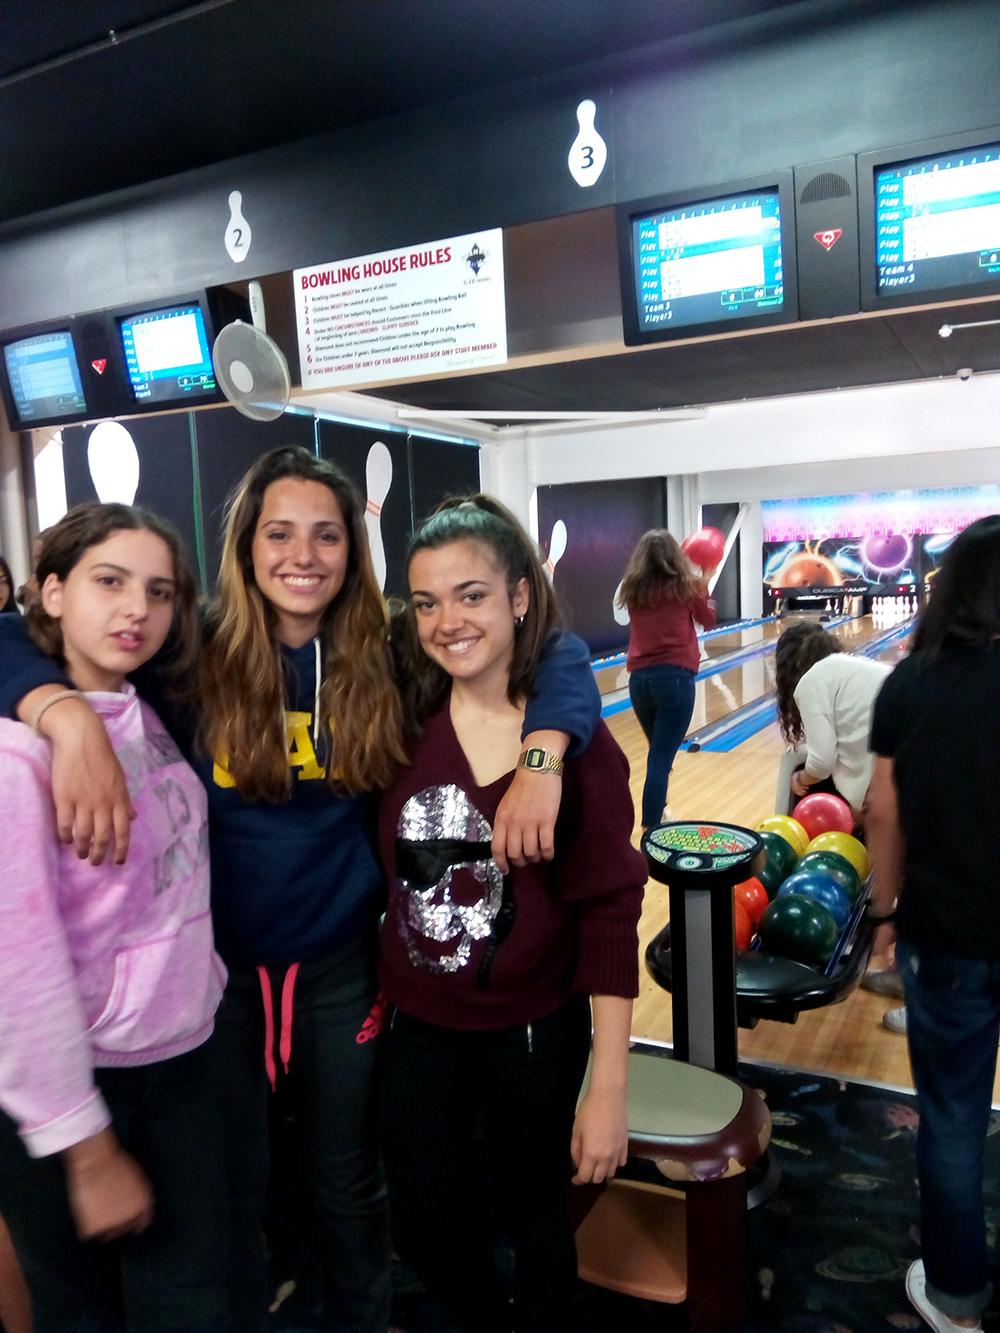 Bowling en curso de verano para jóvenes en Arklow, Irlanda